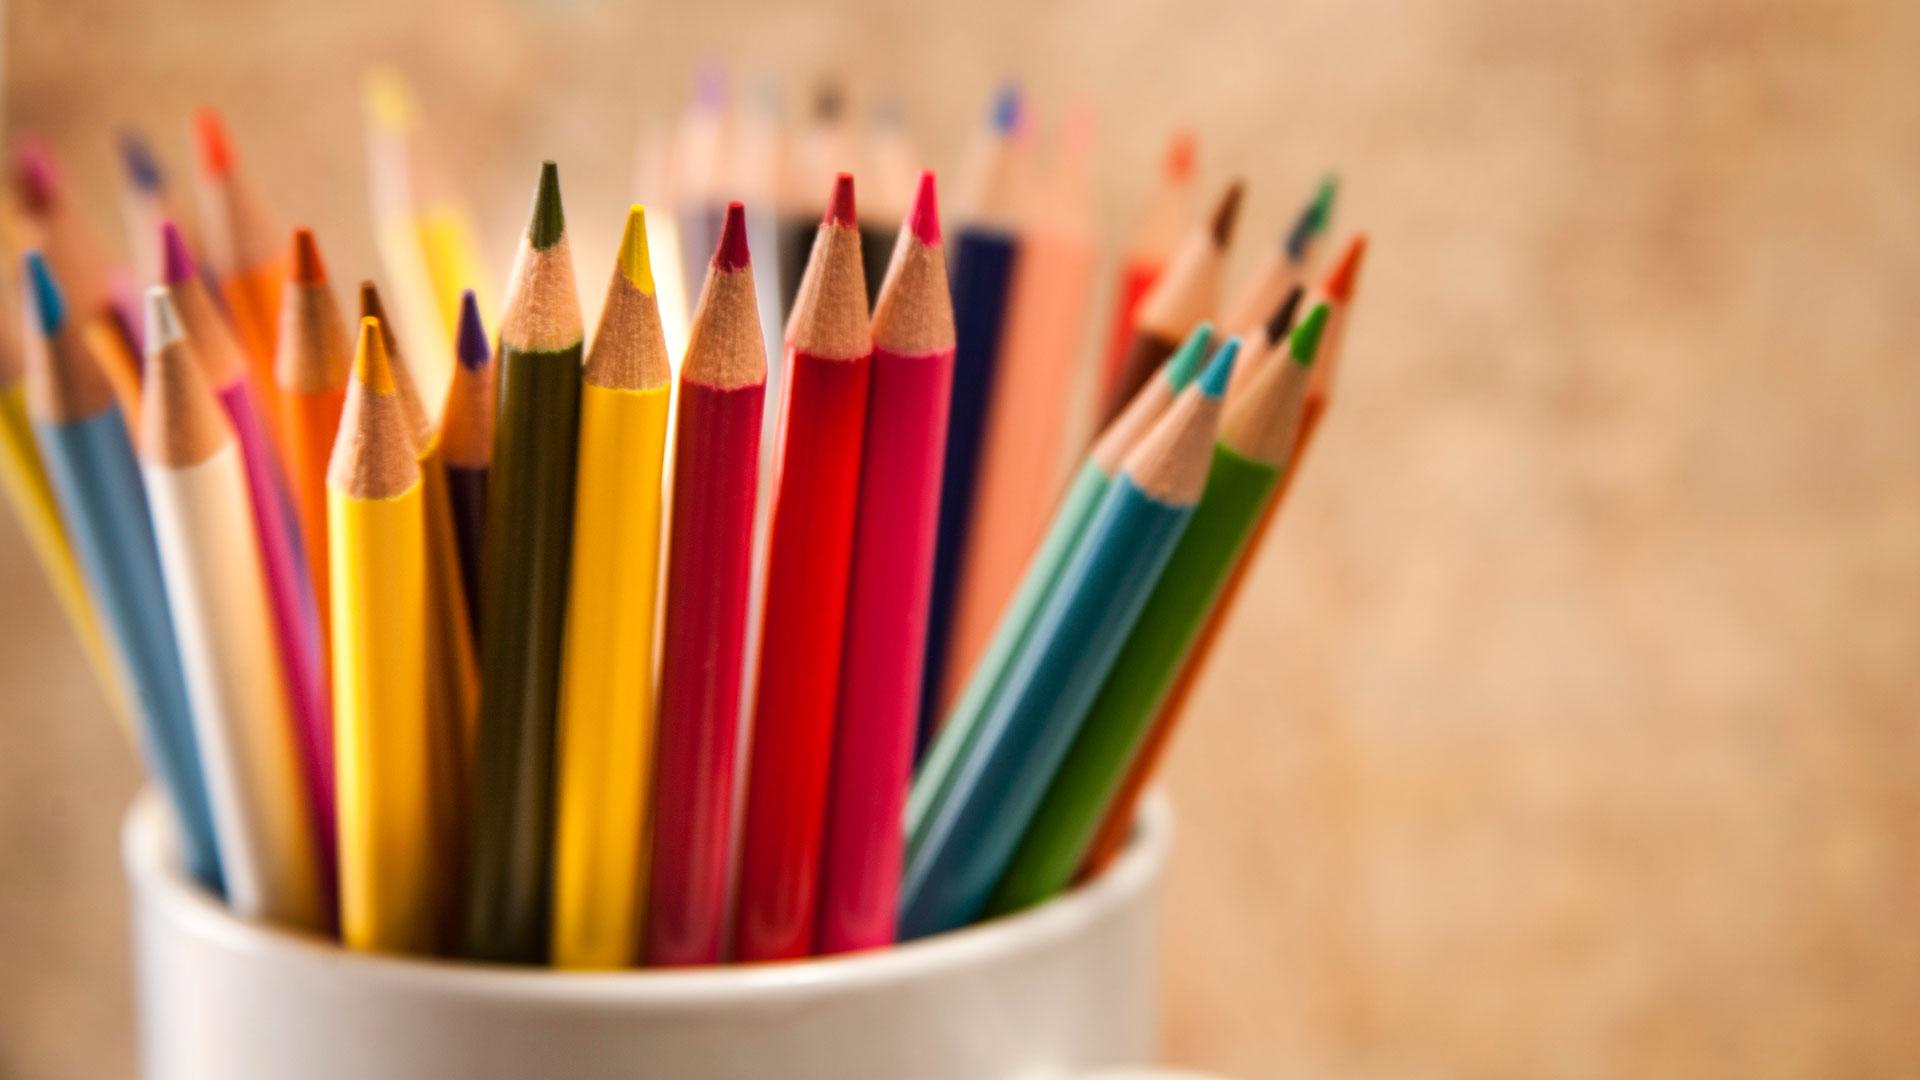 Jos tunteet ovat tukossa, kannattaa tarttua värikyniin ja antaa sielun poimia sieltä ne oikeat sävyt.